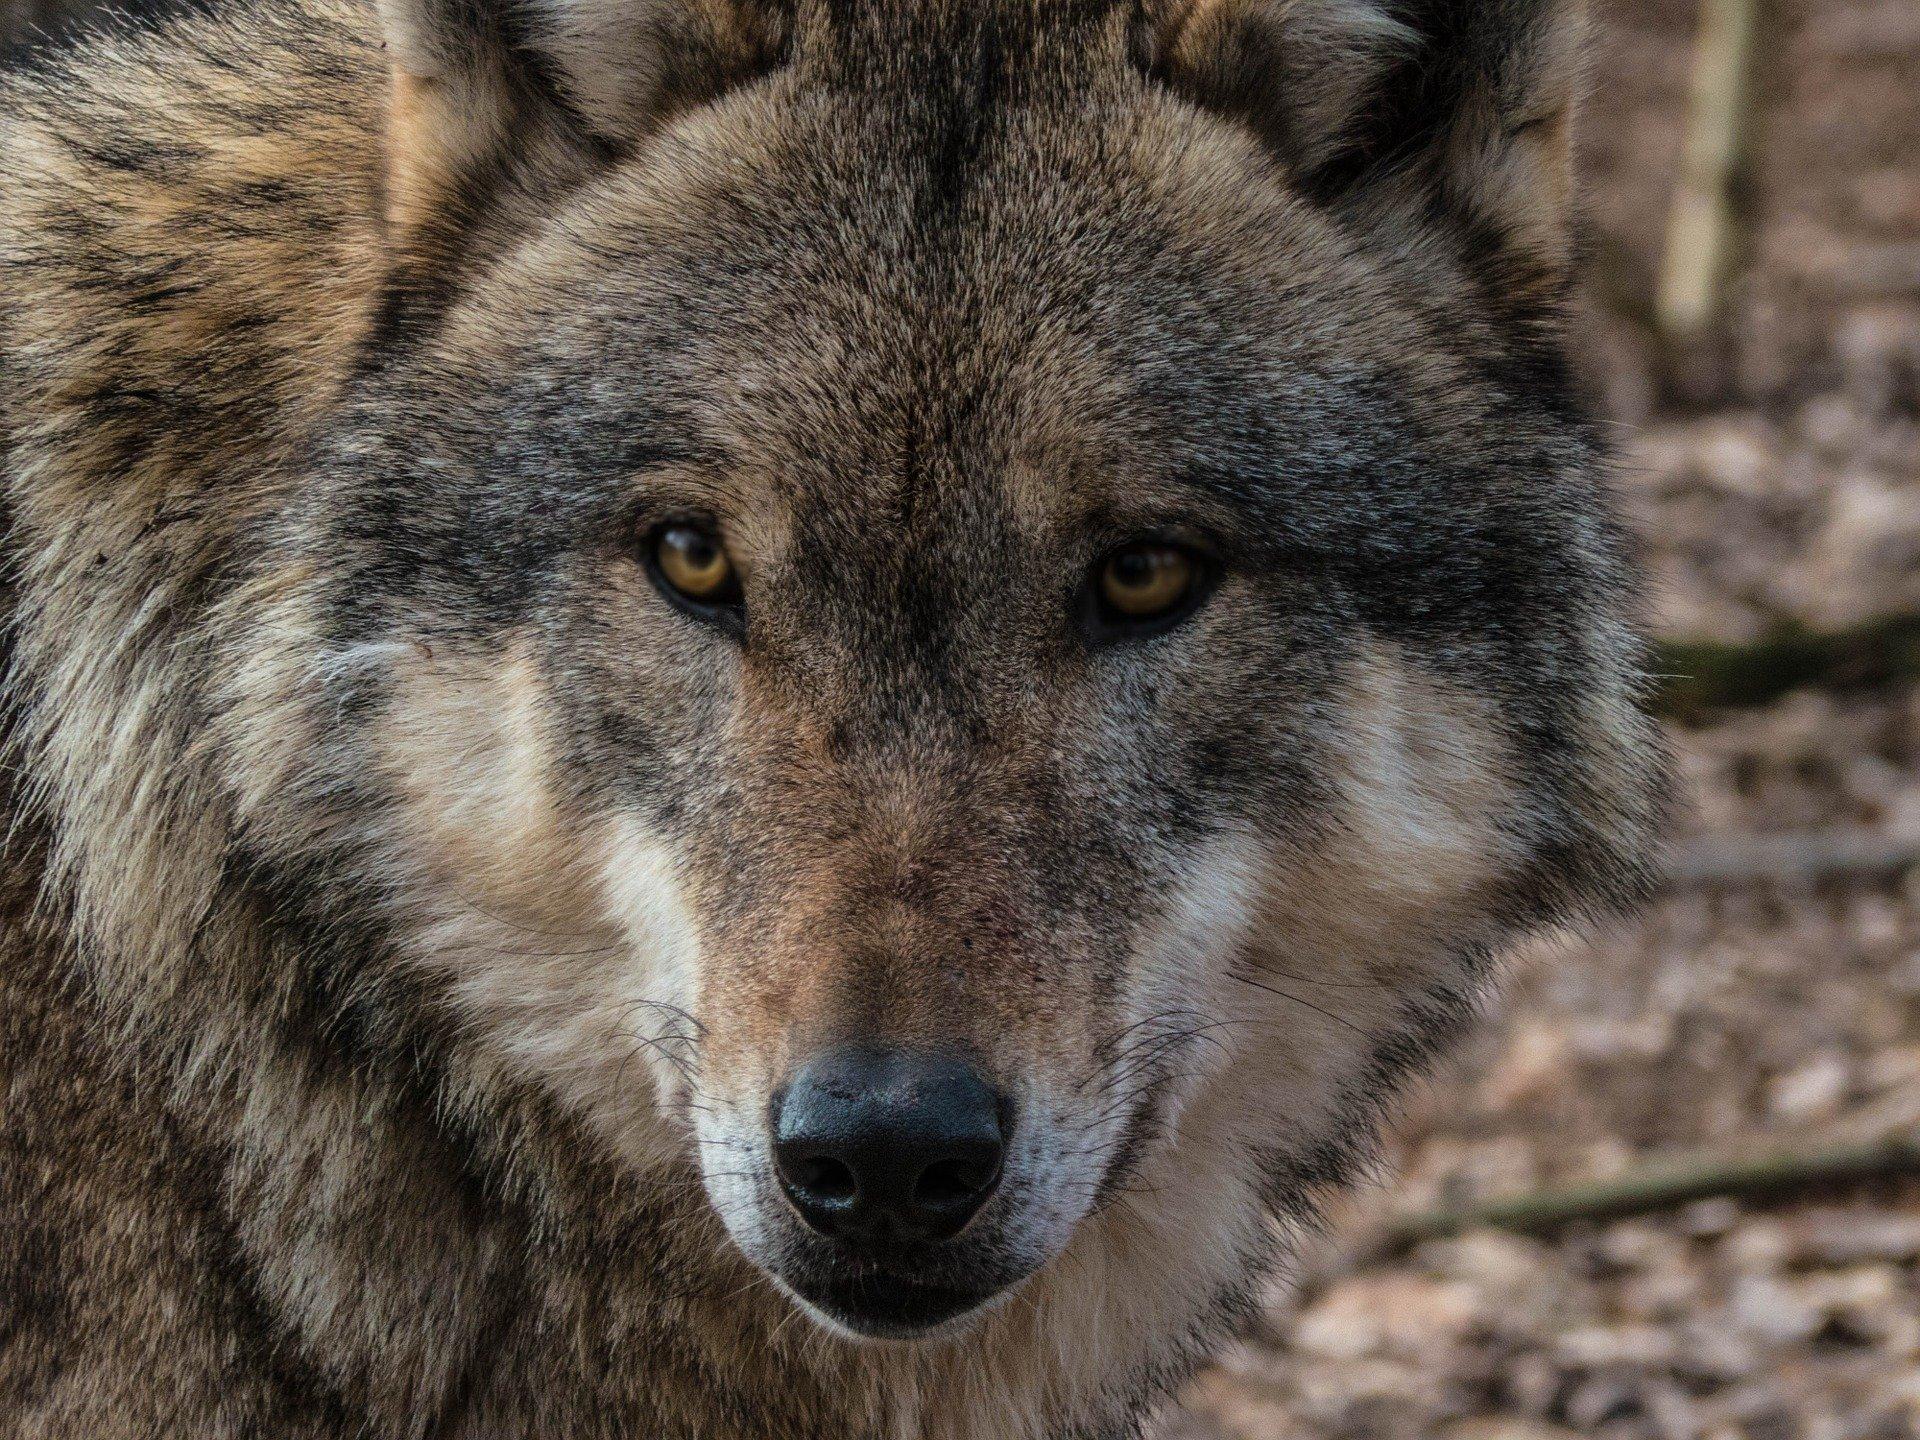 Une tête de loup au museau pointu